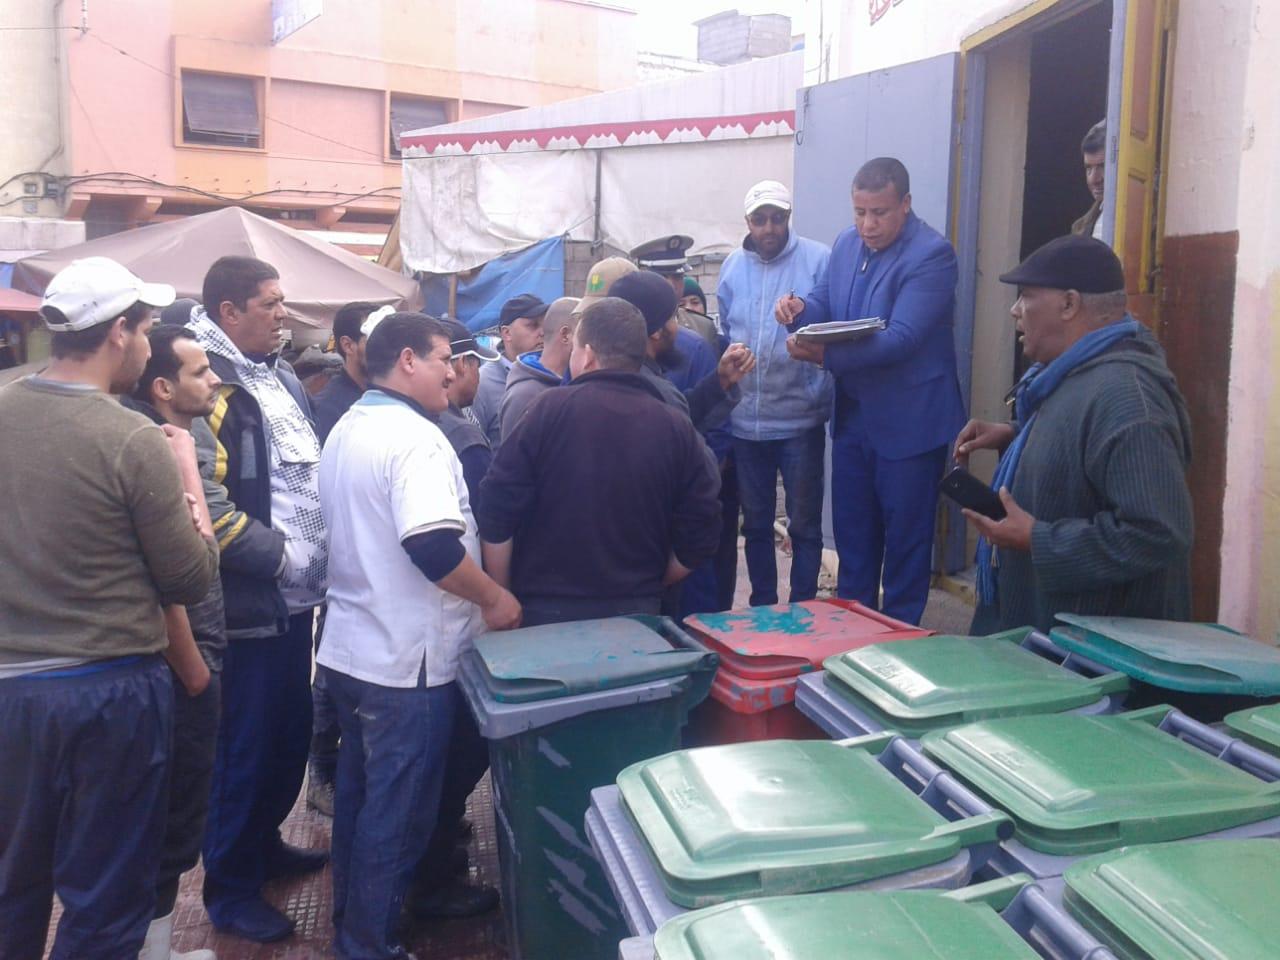 السلطة المحلية تشرف على عملية توزيع حاويات ازبال على بائعي سوق لالة زهرة بالجديدة